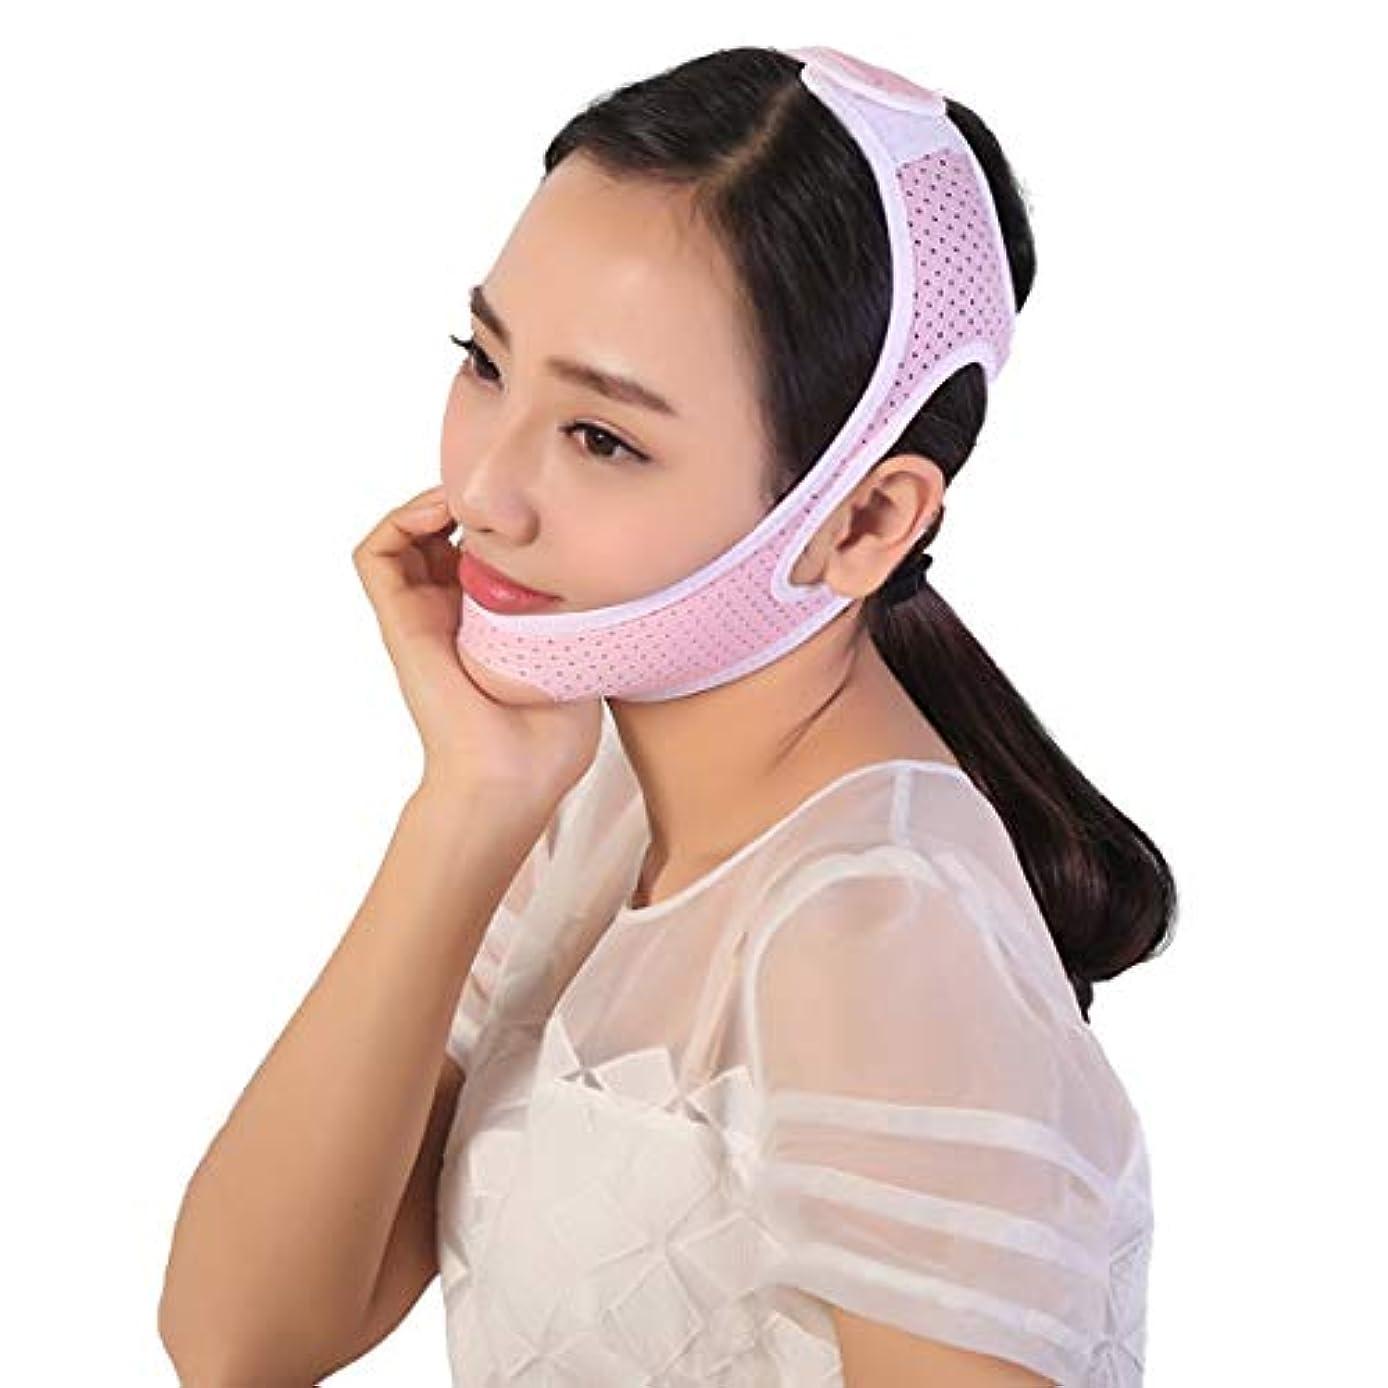 気味の悪い影響力のある息苦しいZWBD フェイスマスク, フェイスリフティング包帯フェイシャルリフティング引き締めダブルチン判V通気性